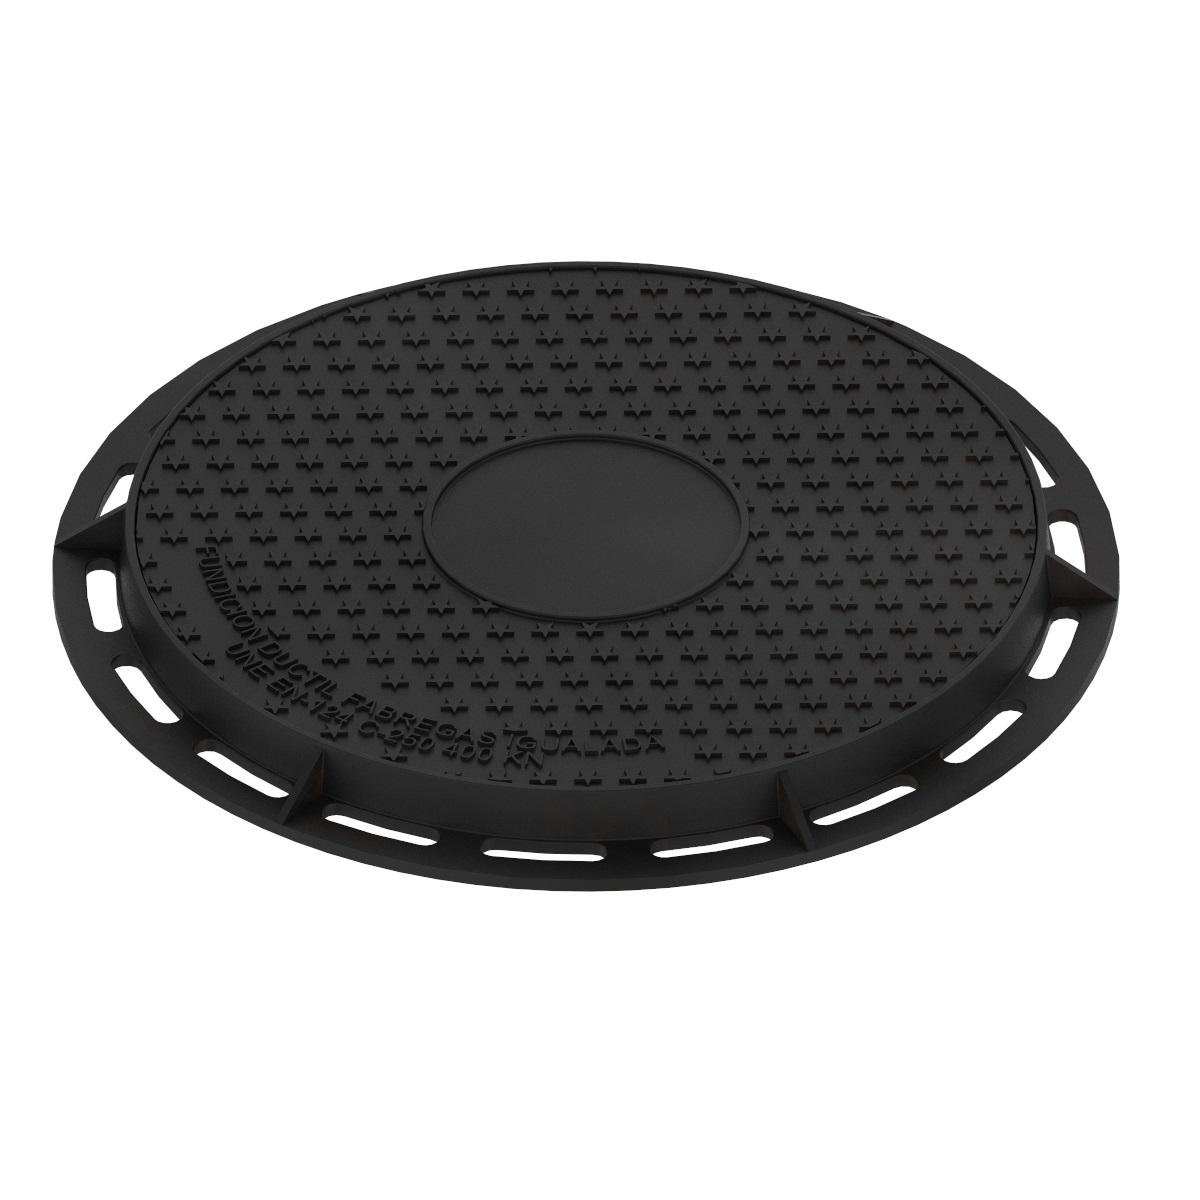 Tapa y aro circular de registro fundicion ductil B-7DU400